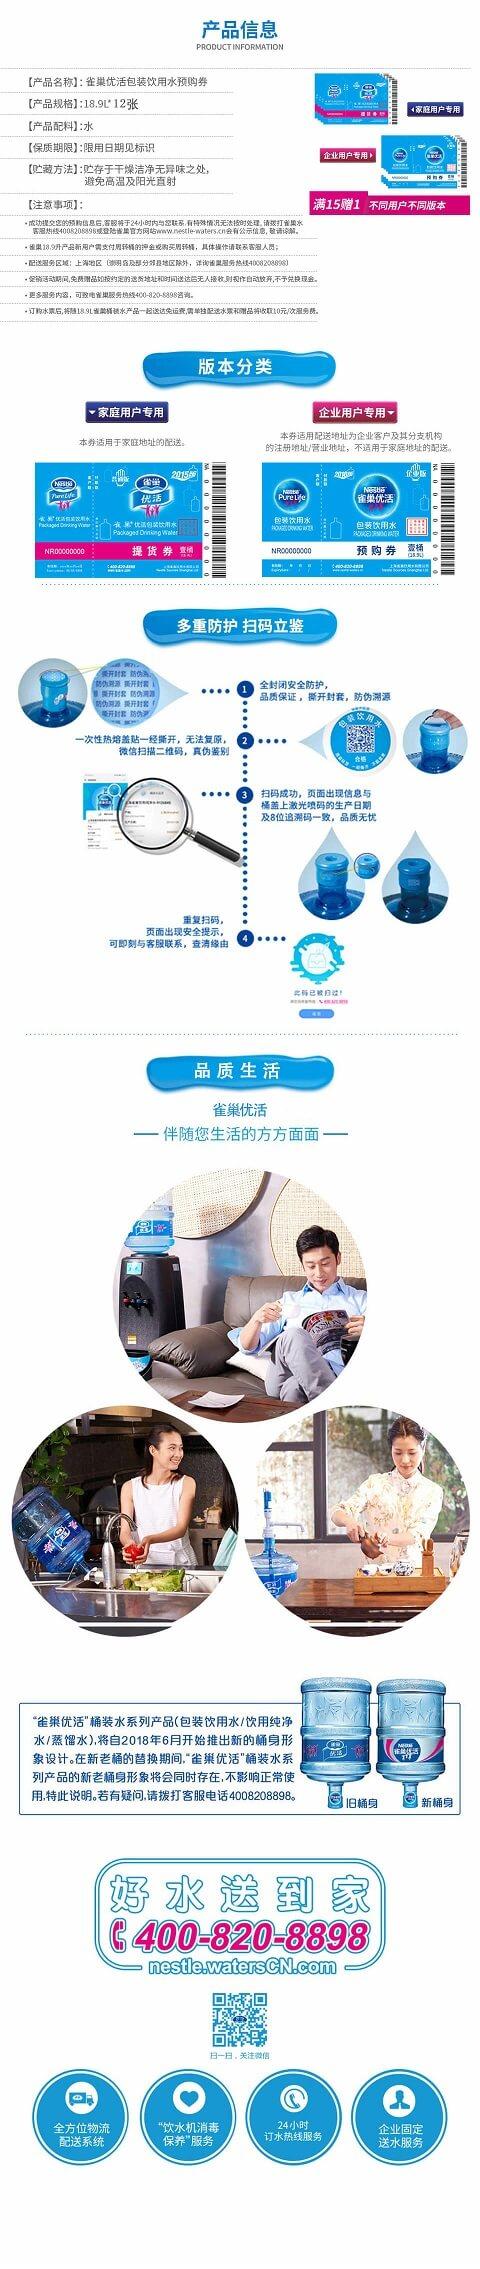 baozhuang12detail.jpg